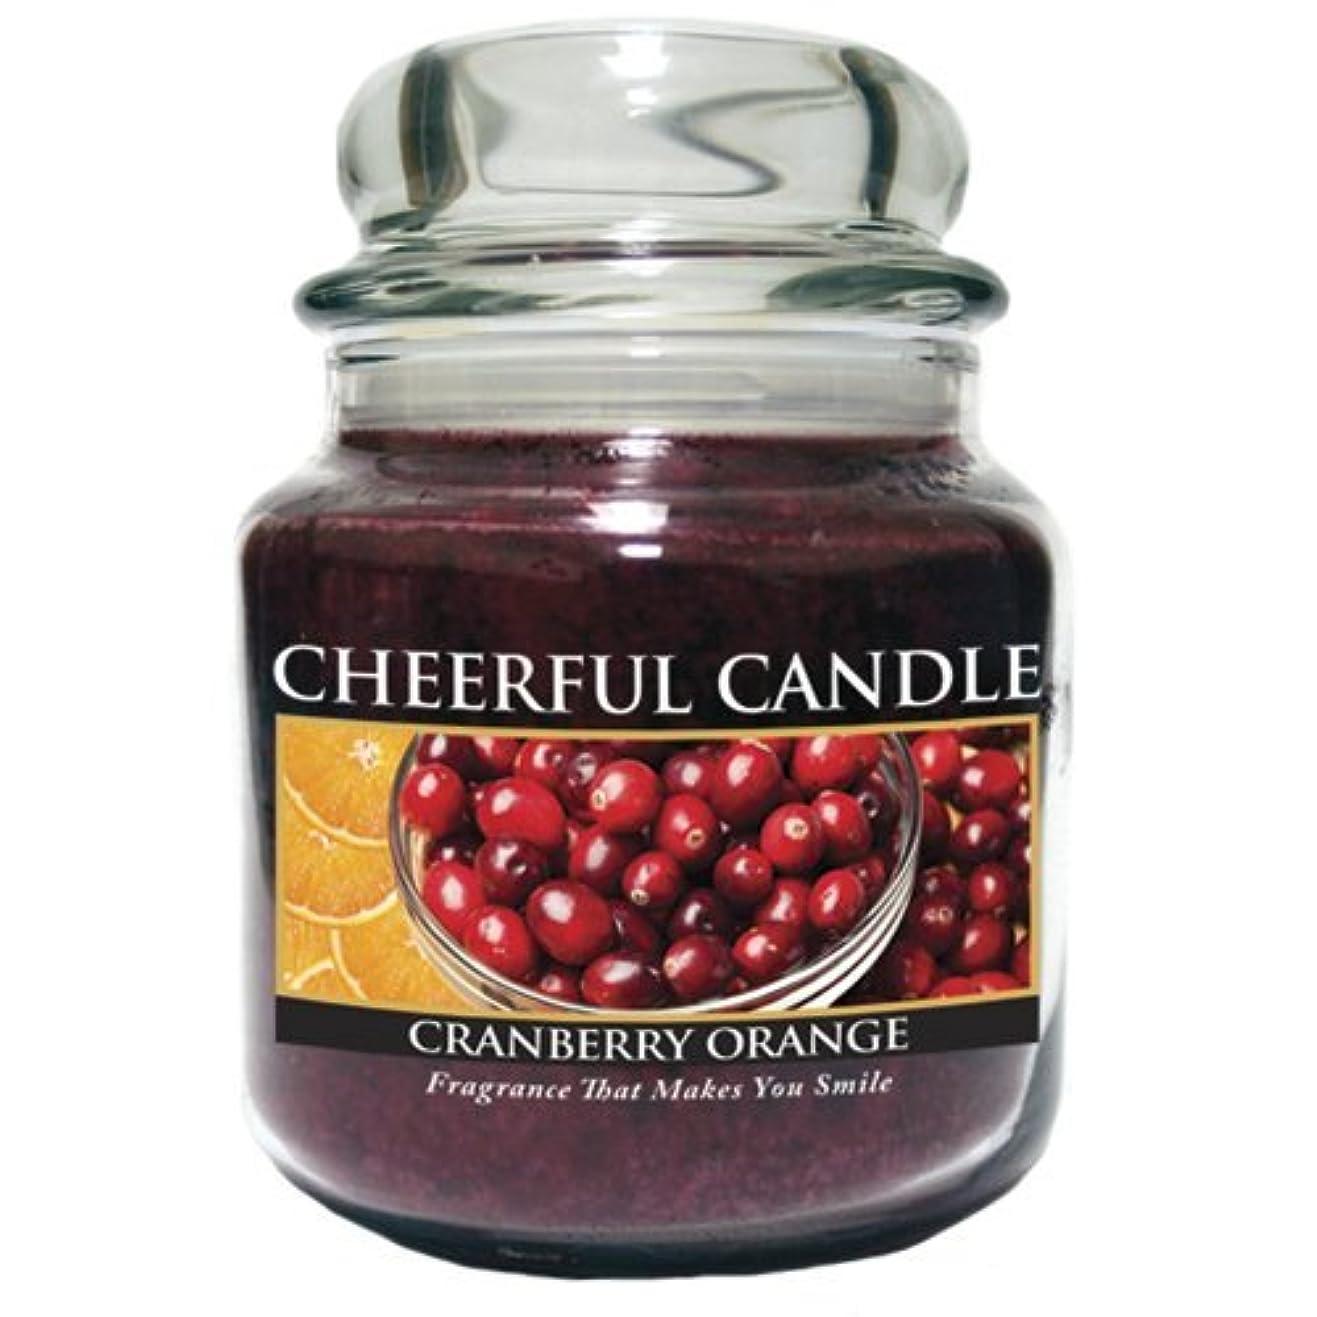 評価する依存個人A Cheerful Giver Cranberry Orange Jar Candle, 24-Ounce by Cheerful Giver [並行輸入品]